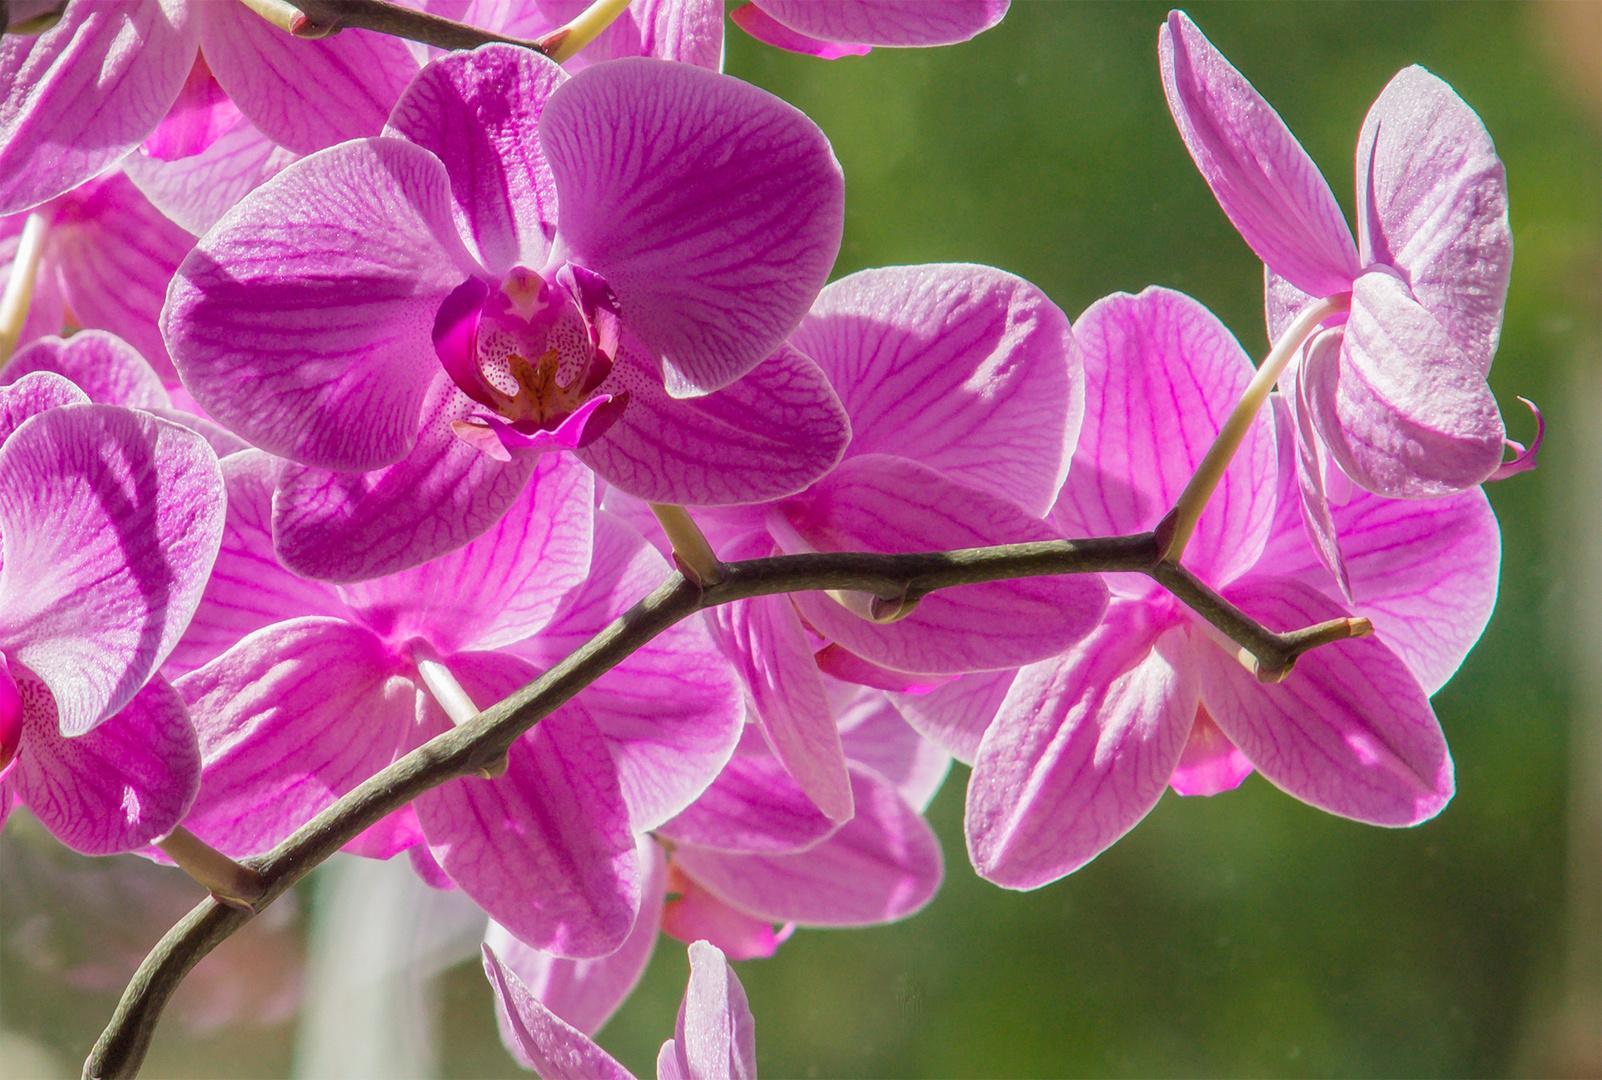 Orchidee im Sonnenlicht